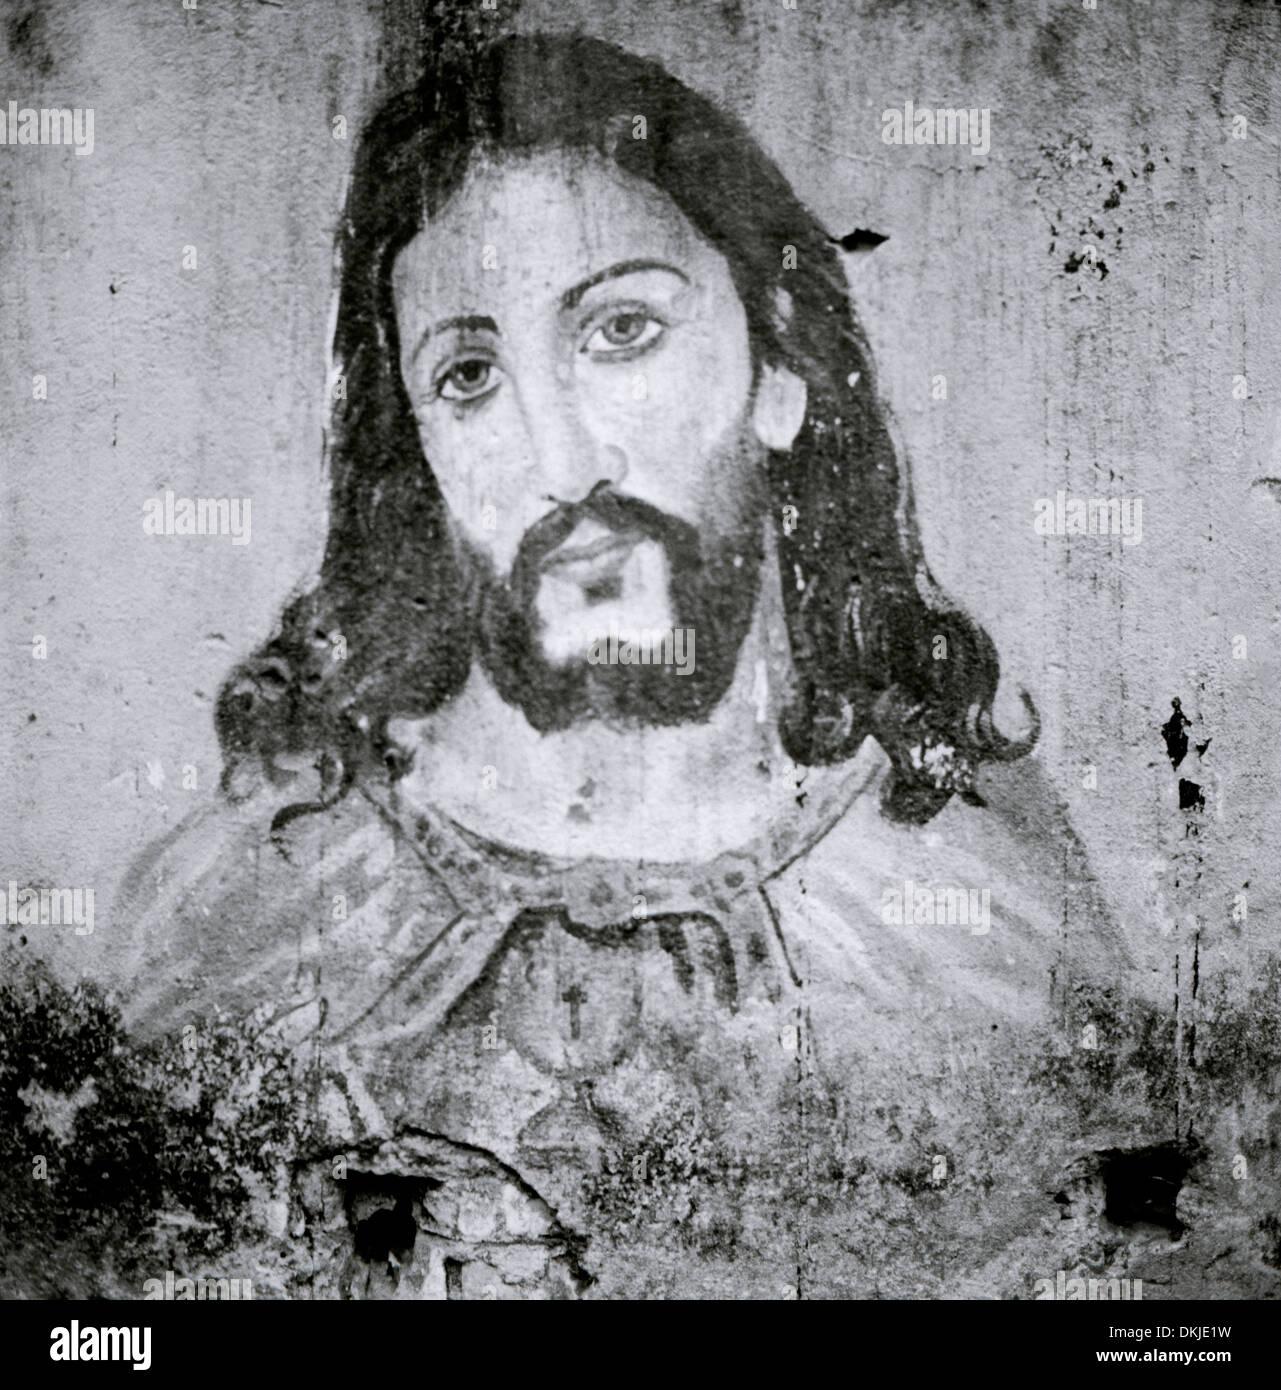 Gesù Cristo nelle baraccopoli in Chennai Madras Tamil Nadu, nell India orientale Asia del Sud. Graffiti Ghetto cristiana religione Arte Religiosa Travel Immagini Stock